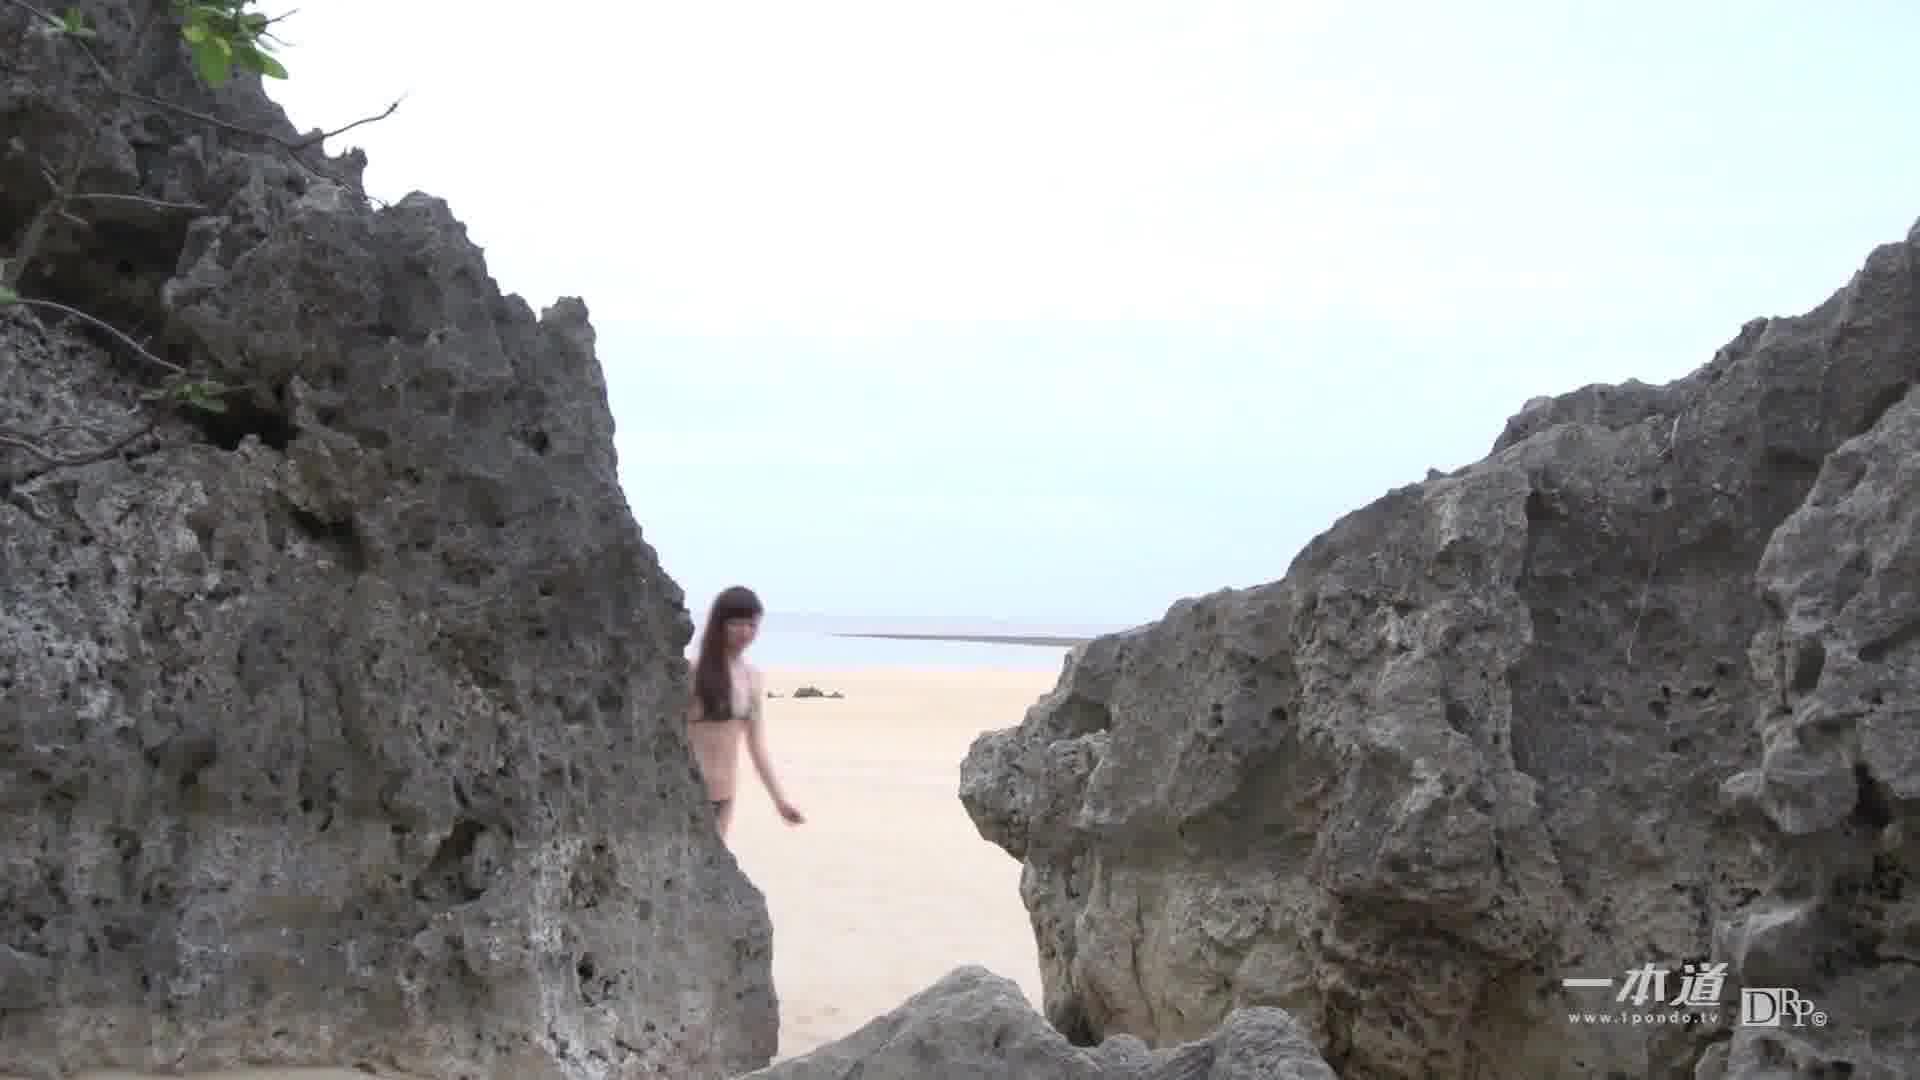 サマーヌード ~海とスレンダーボディ~ - 彩夏【水着・野外露出・スレンダー】